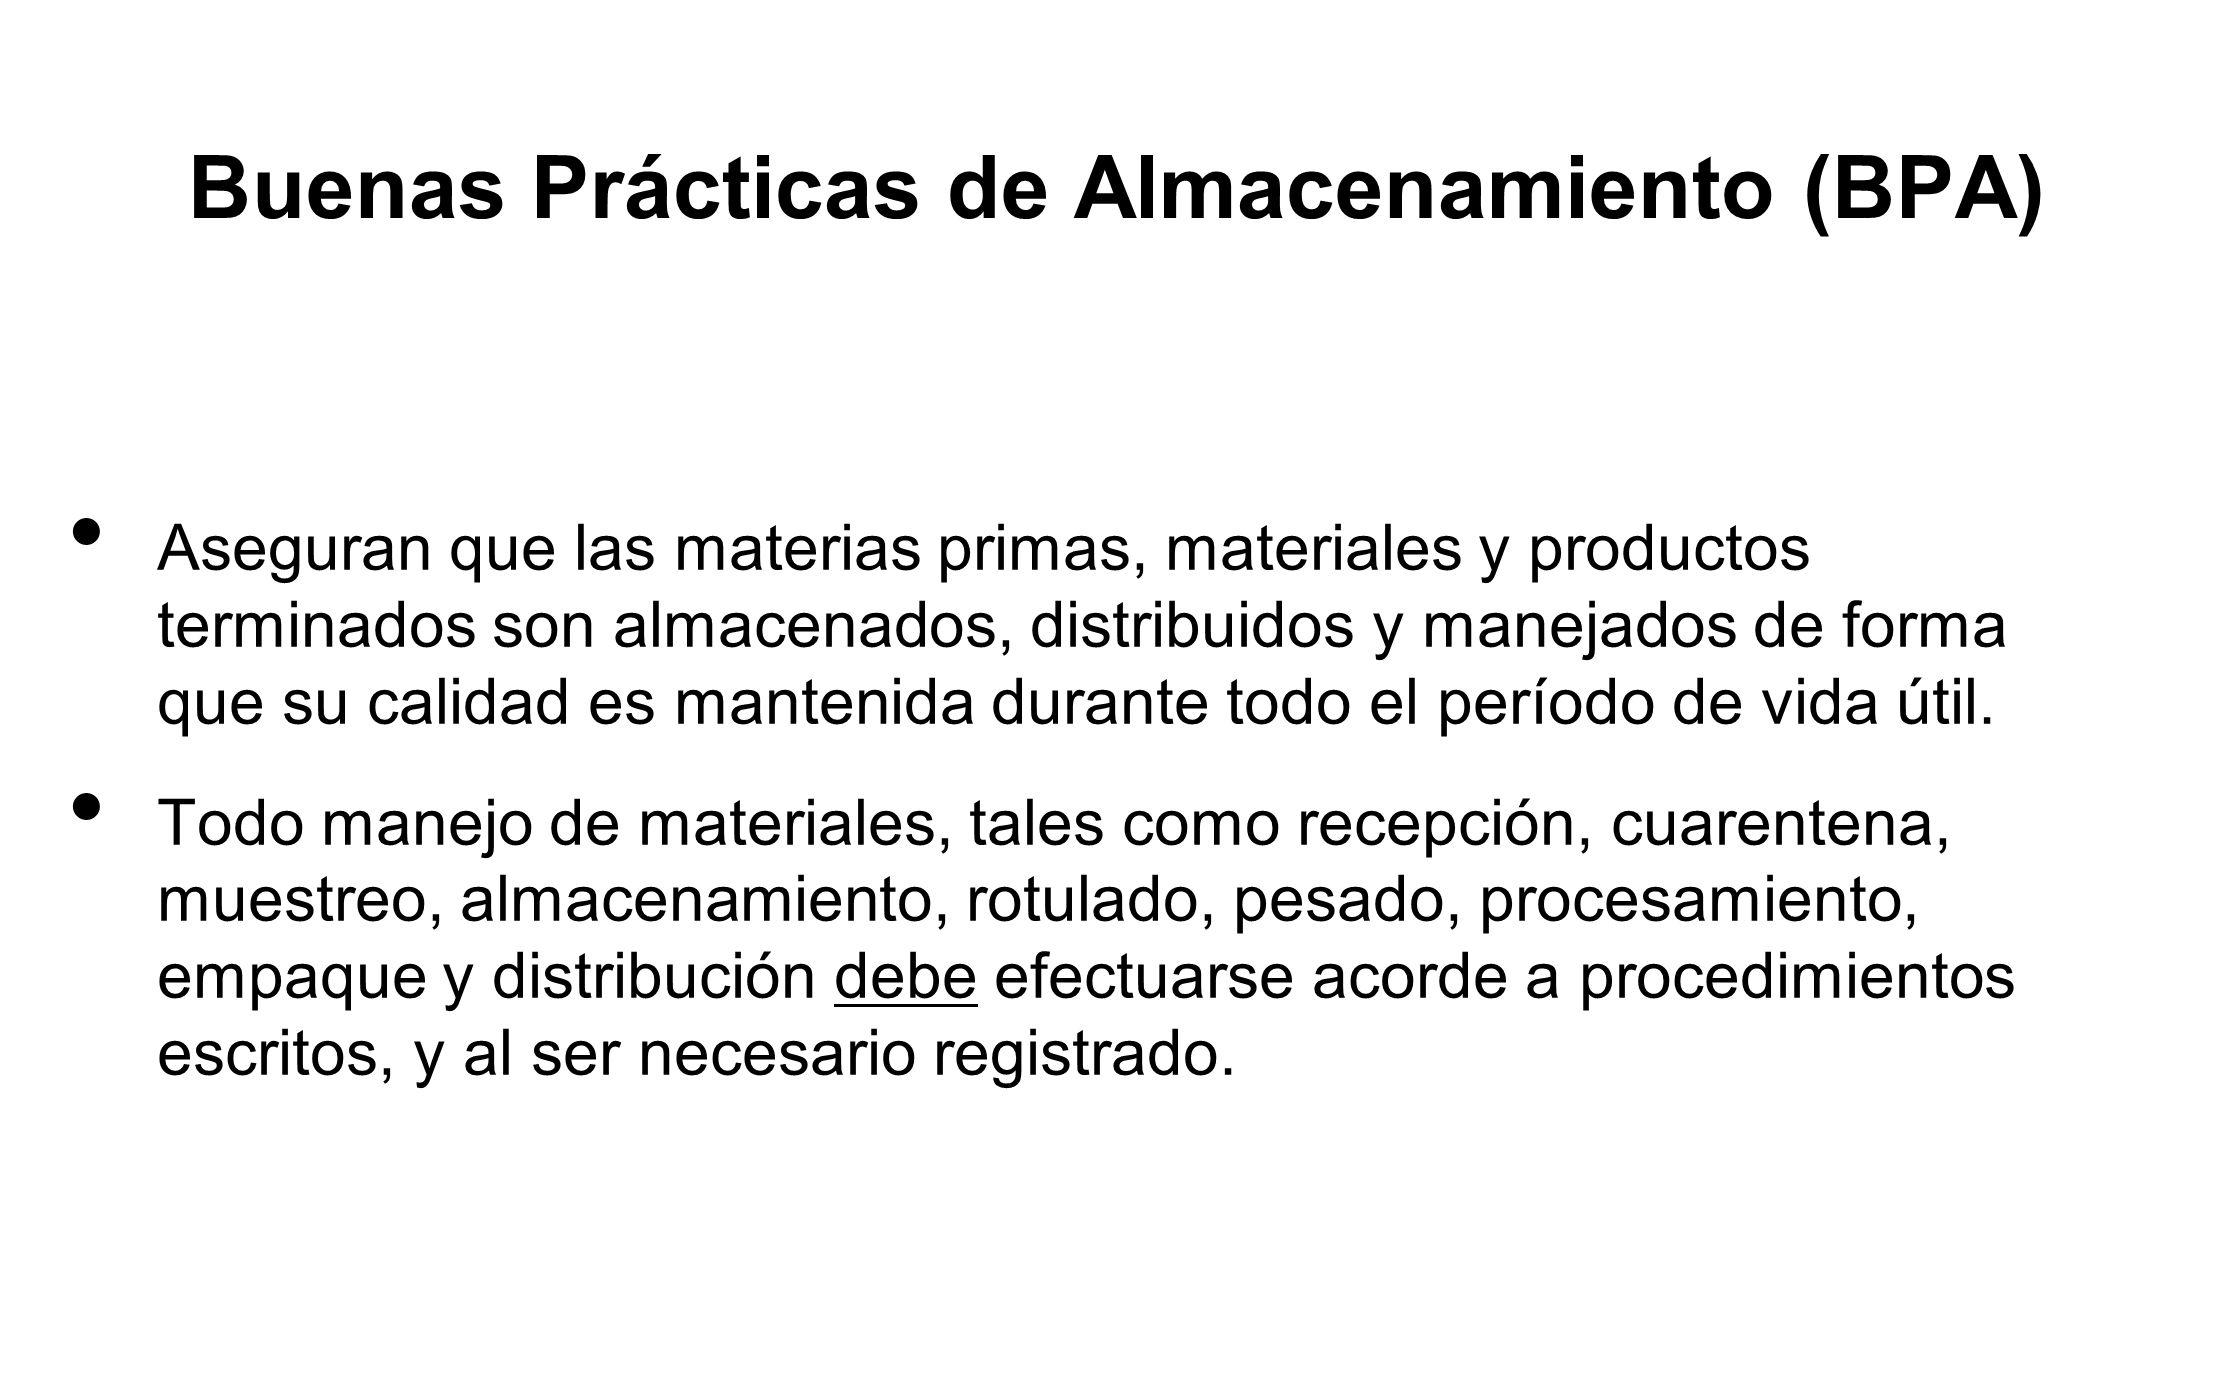 Buenas Prácticas de Almacenamiento (BPA)